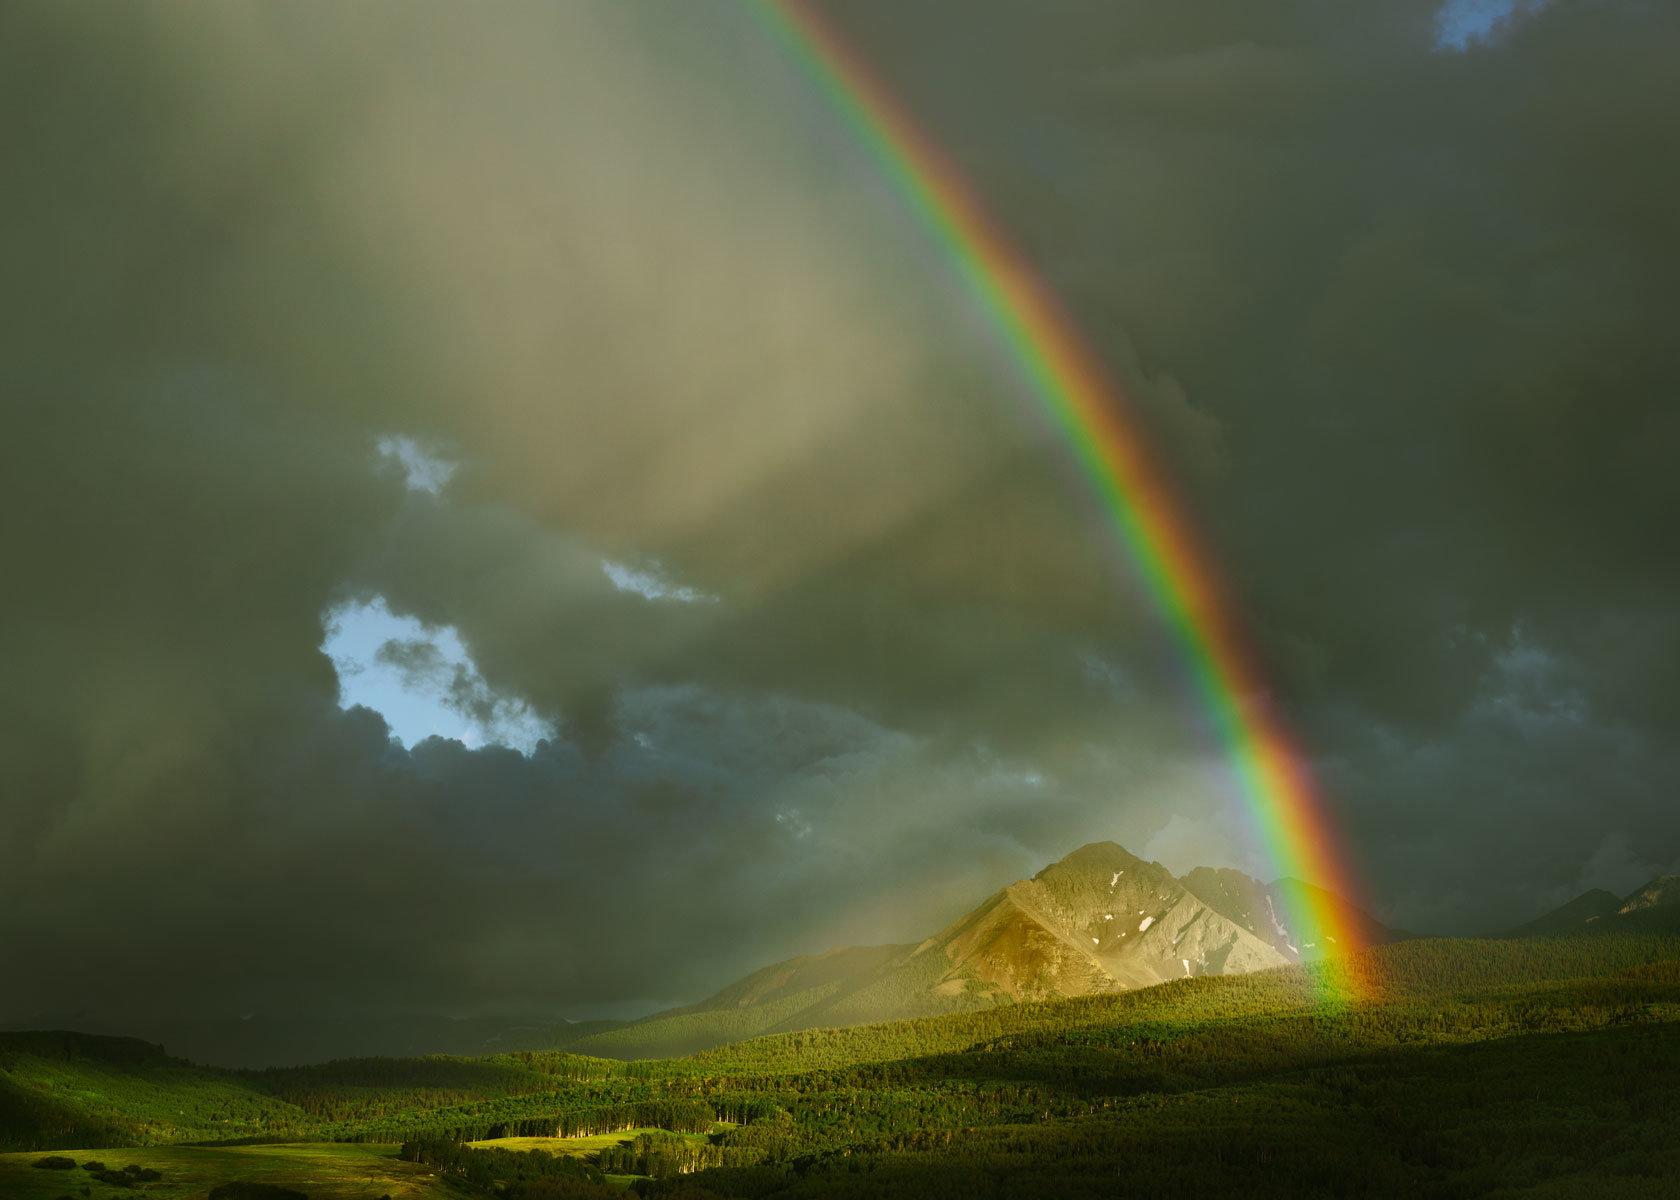 RainbowSunhinePeak_DSC8440-1.jpg